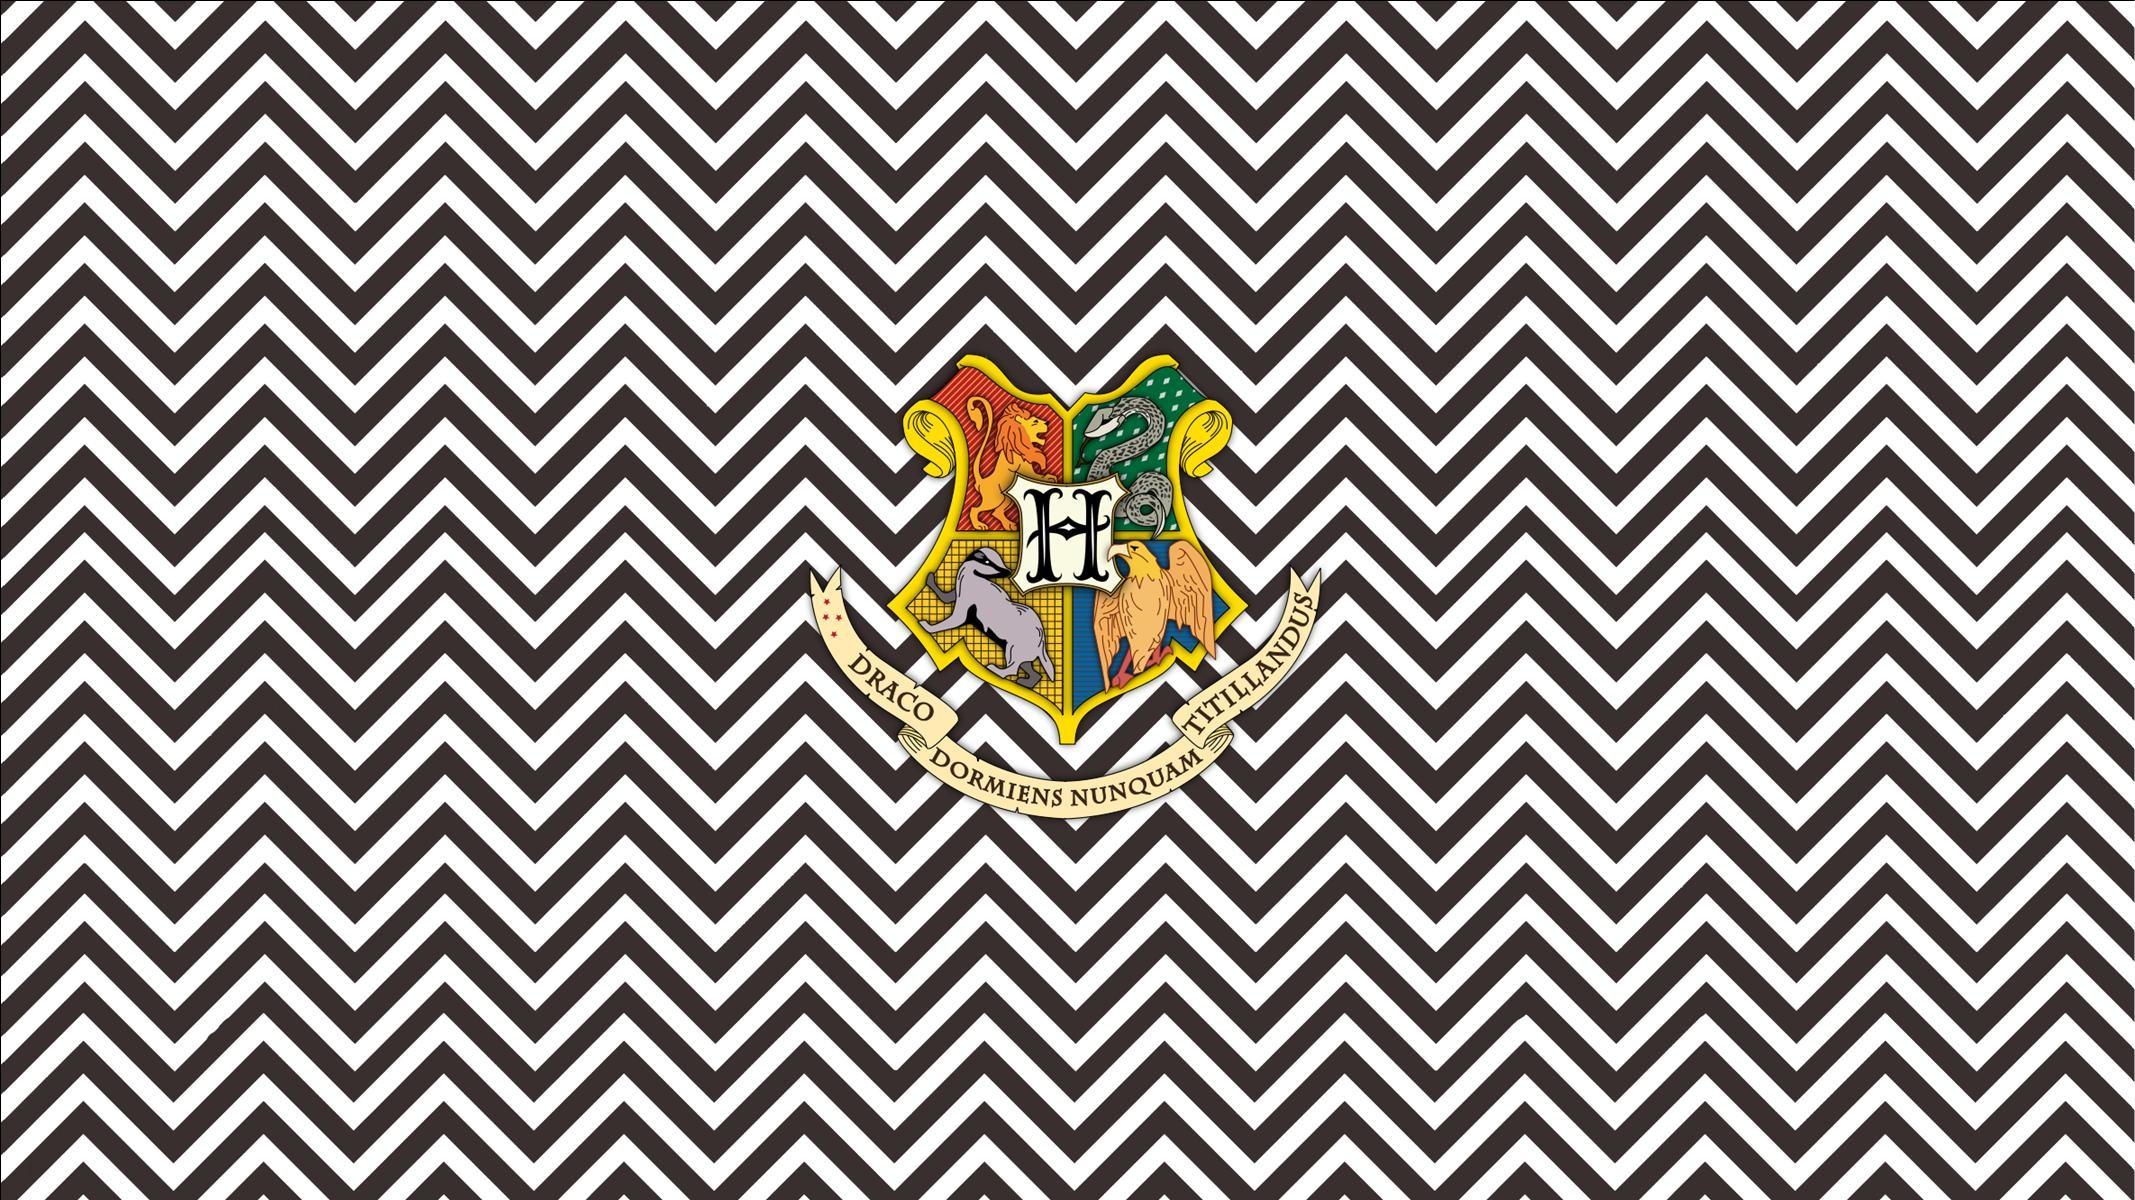 Hogwarts Crest on chevron widescreen desktop wallpaper Widescreen Wallpaper  made by Deanna